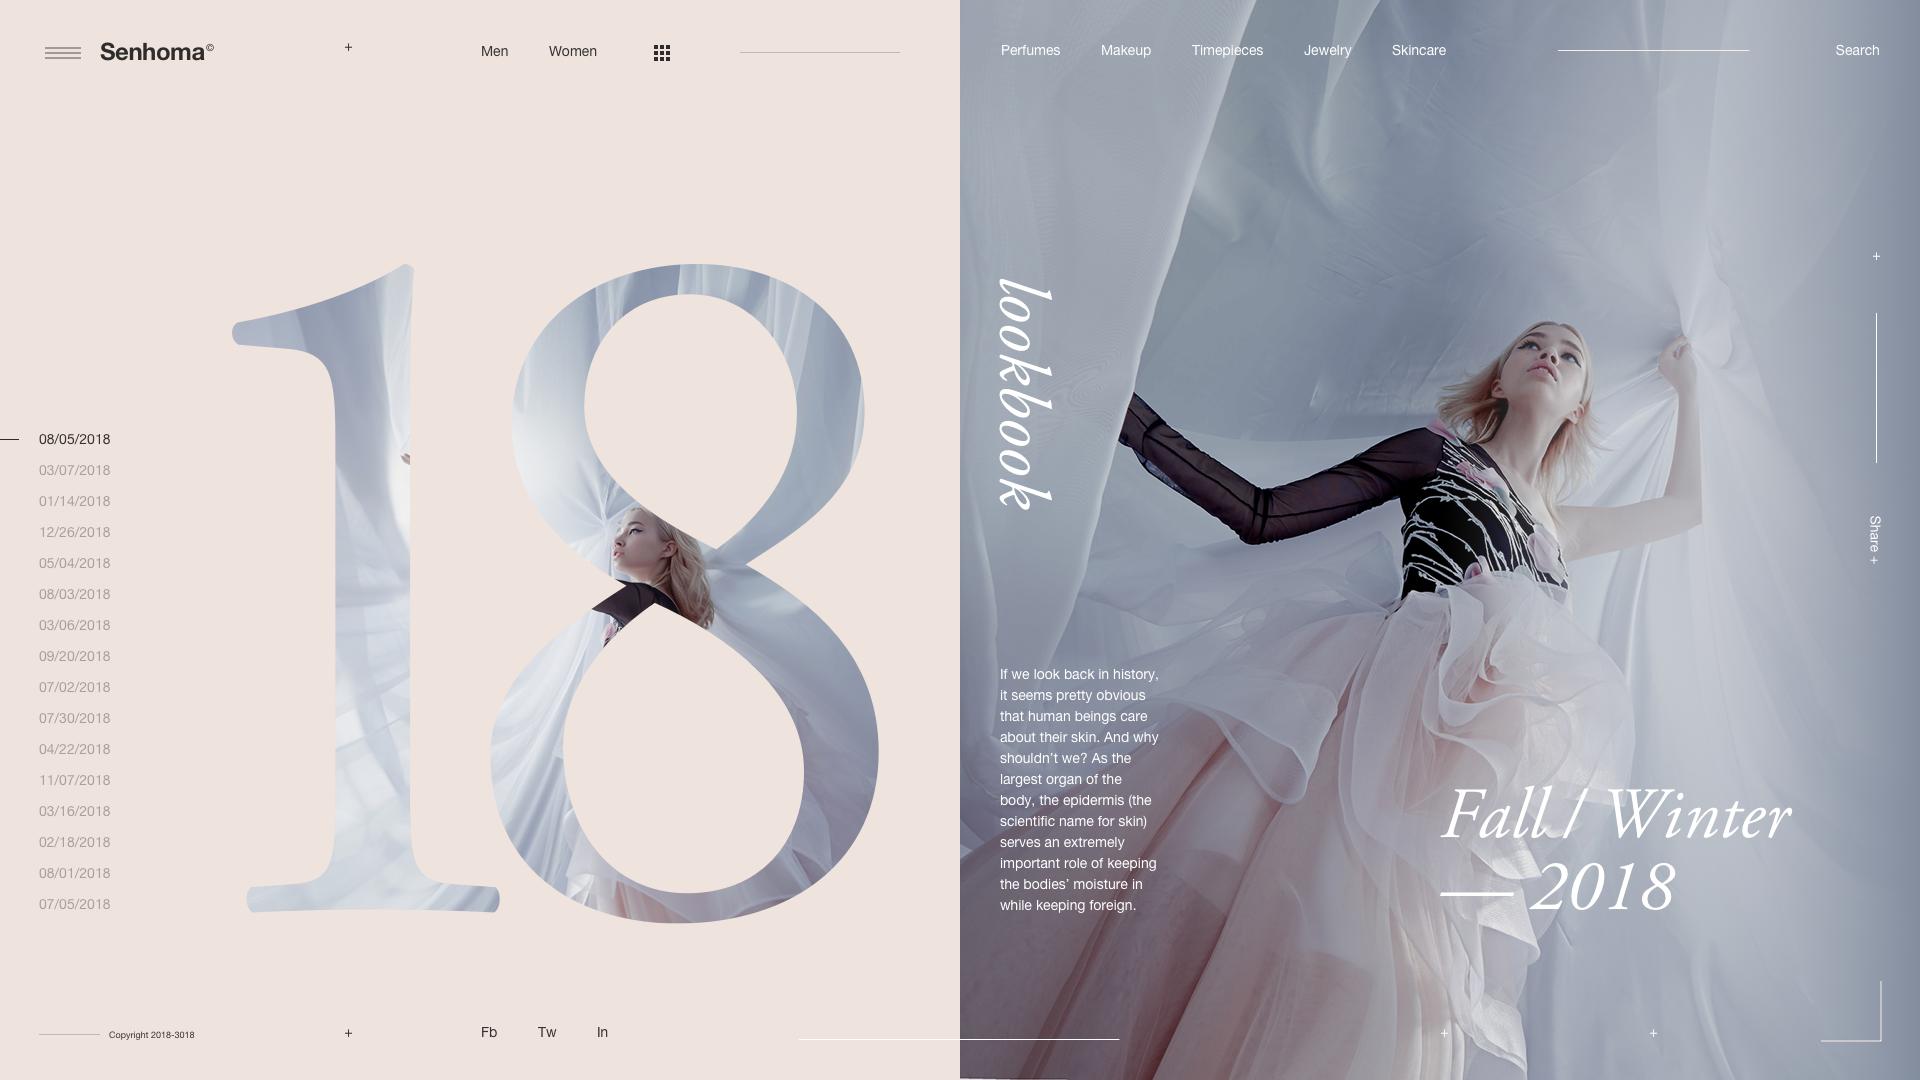 Web Design 2018 Trends - Part 1